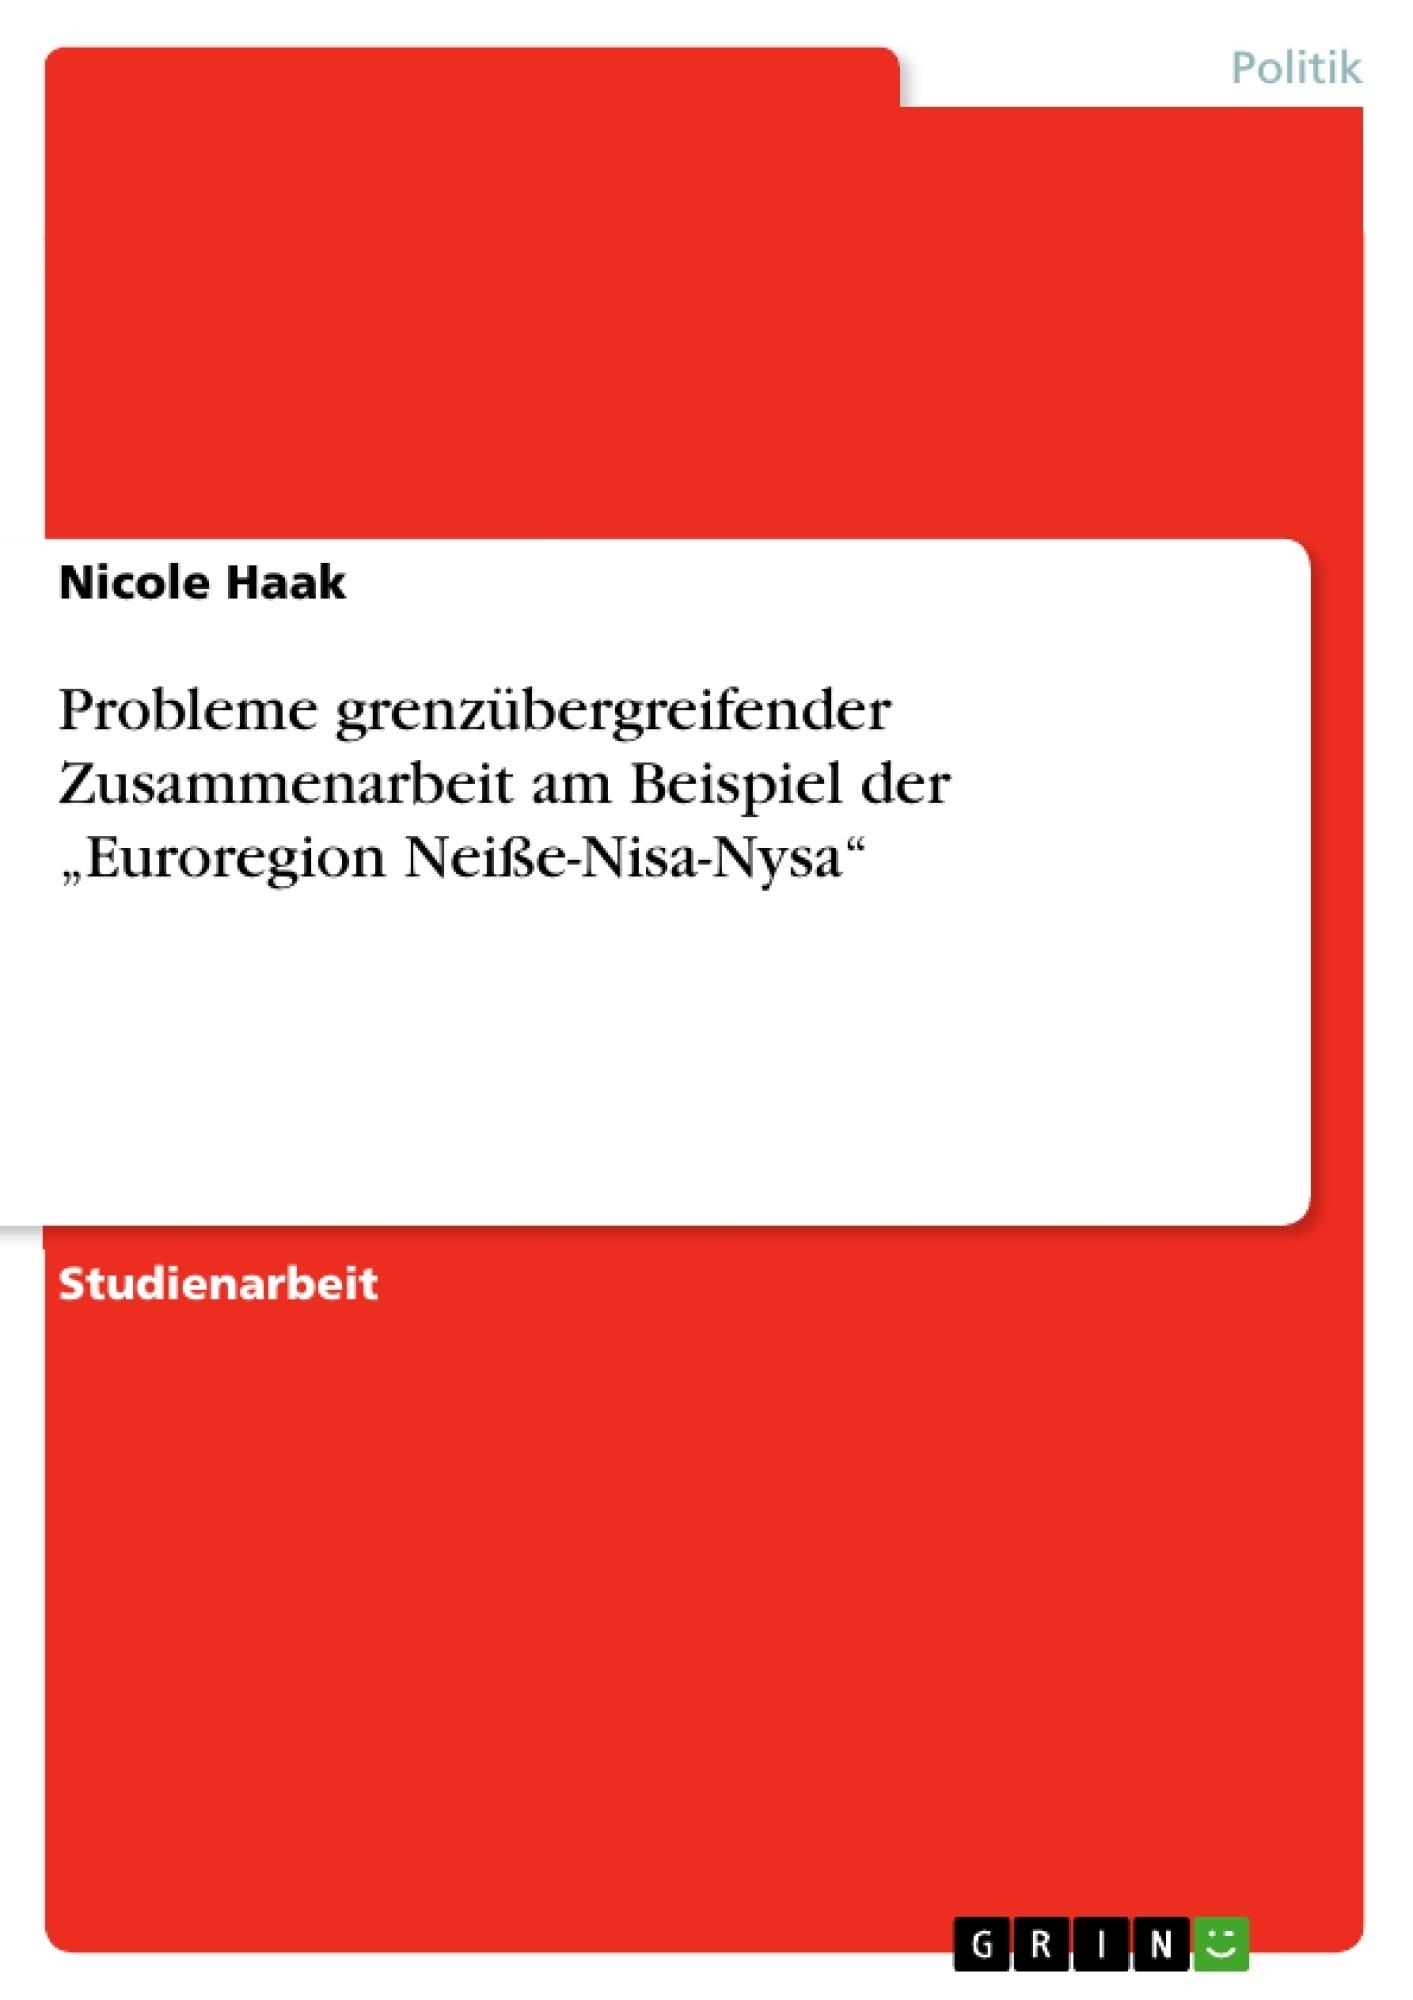 """Titel: Probleme grenzübergreifender Zusammenarbeit am Beispiel der """"Euroregion Neiße-Nisa-Nysa"""""""